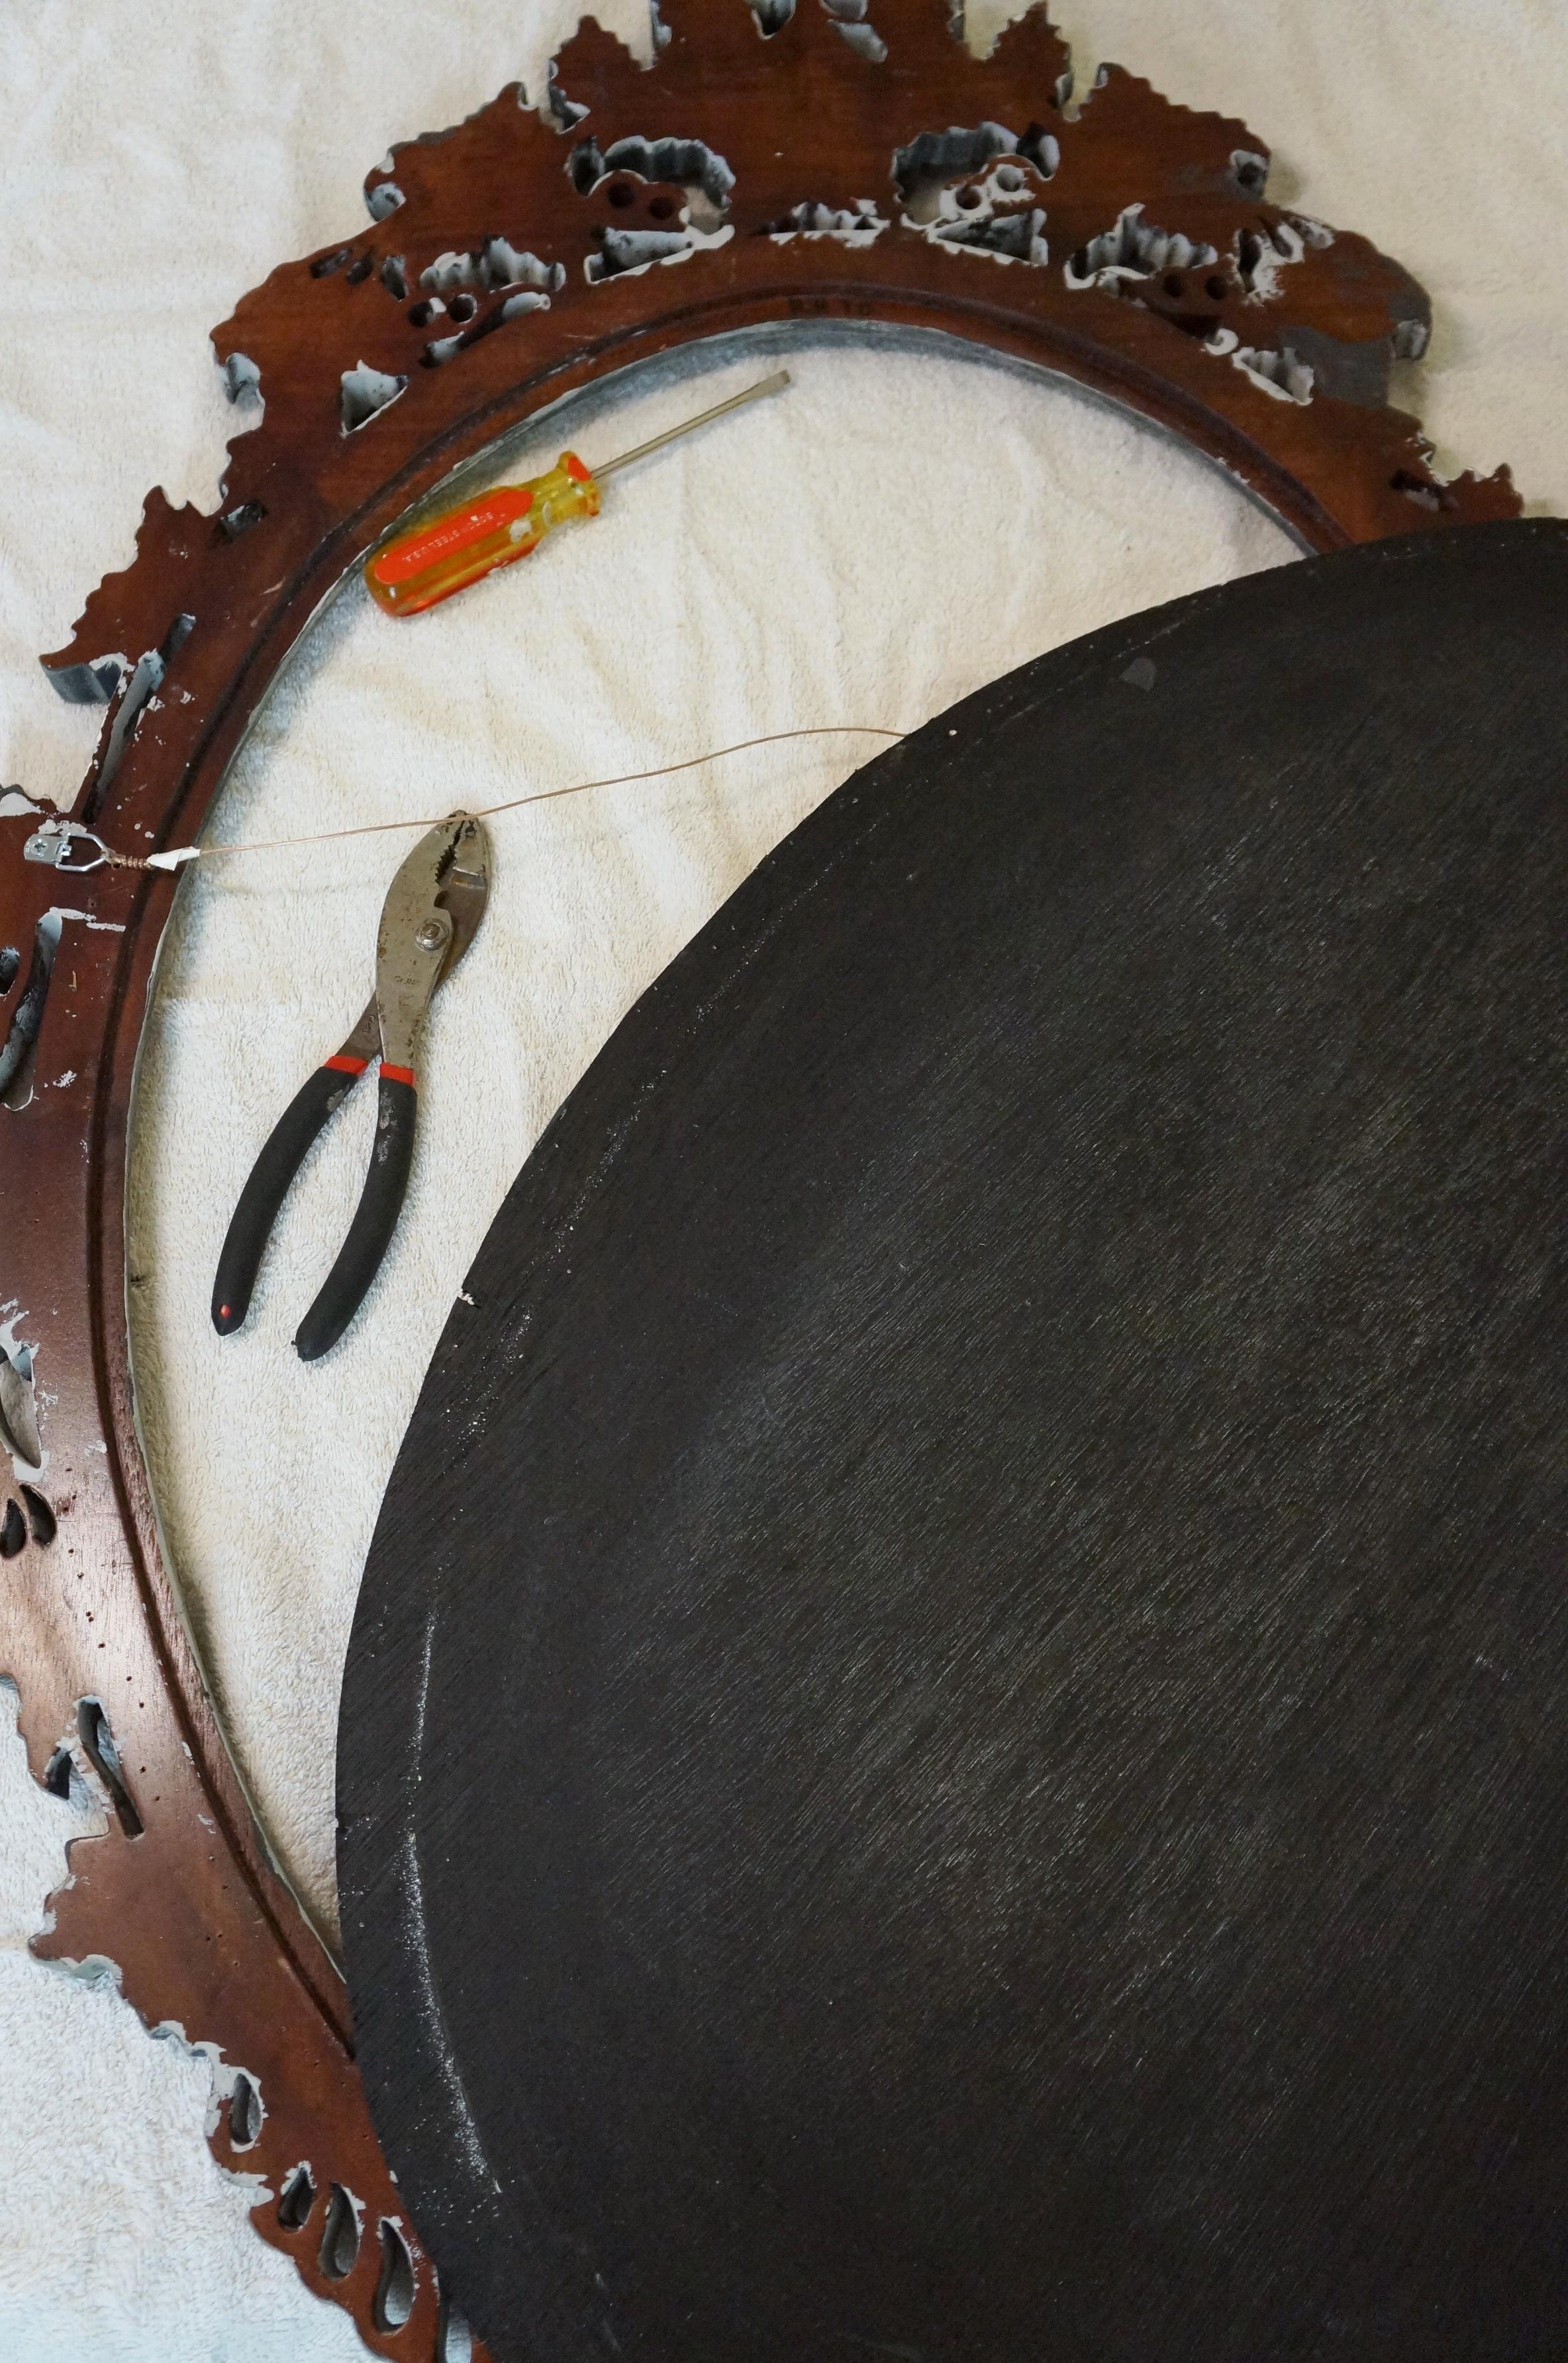 Back of chalkboard removed